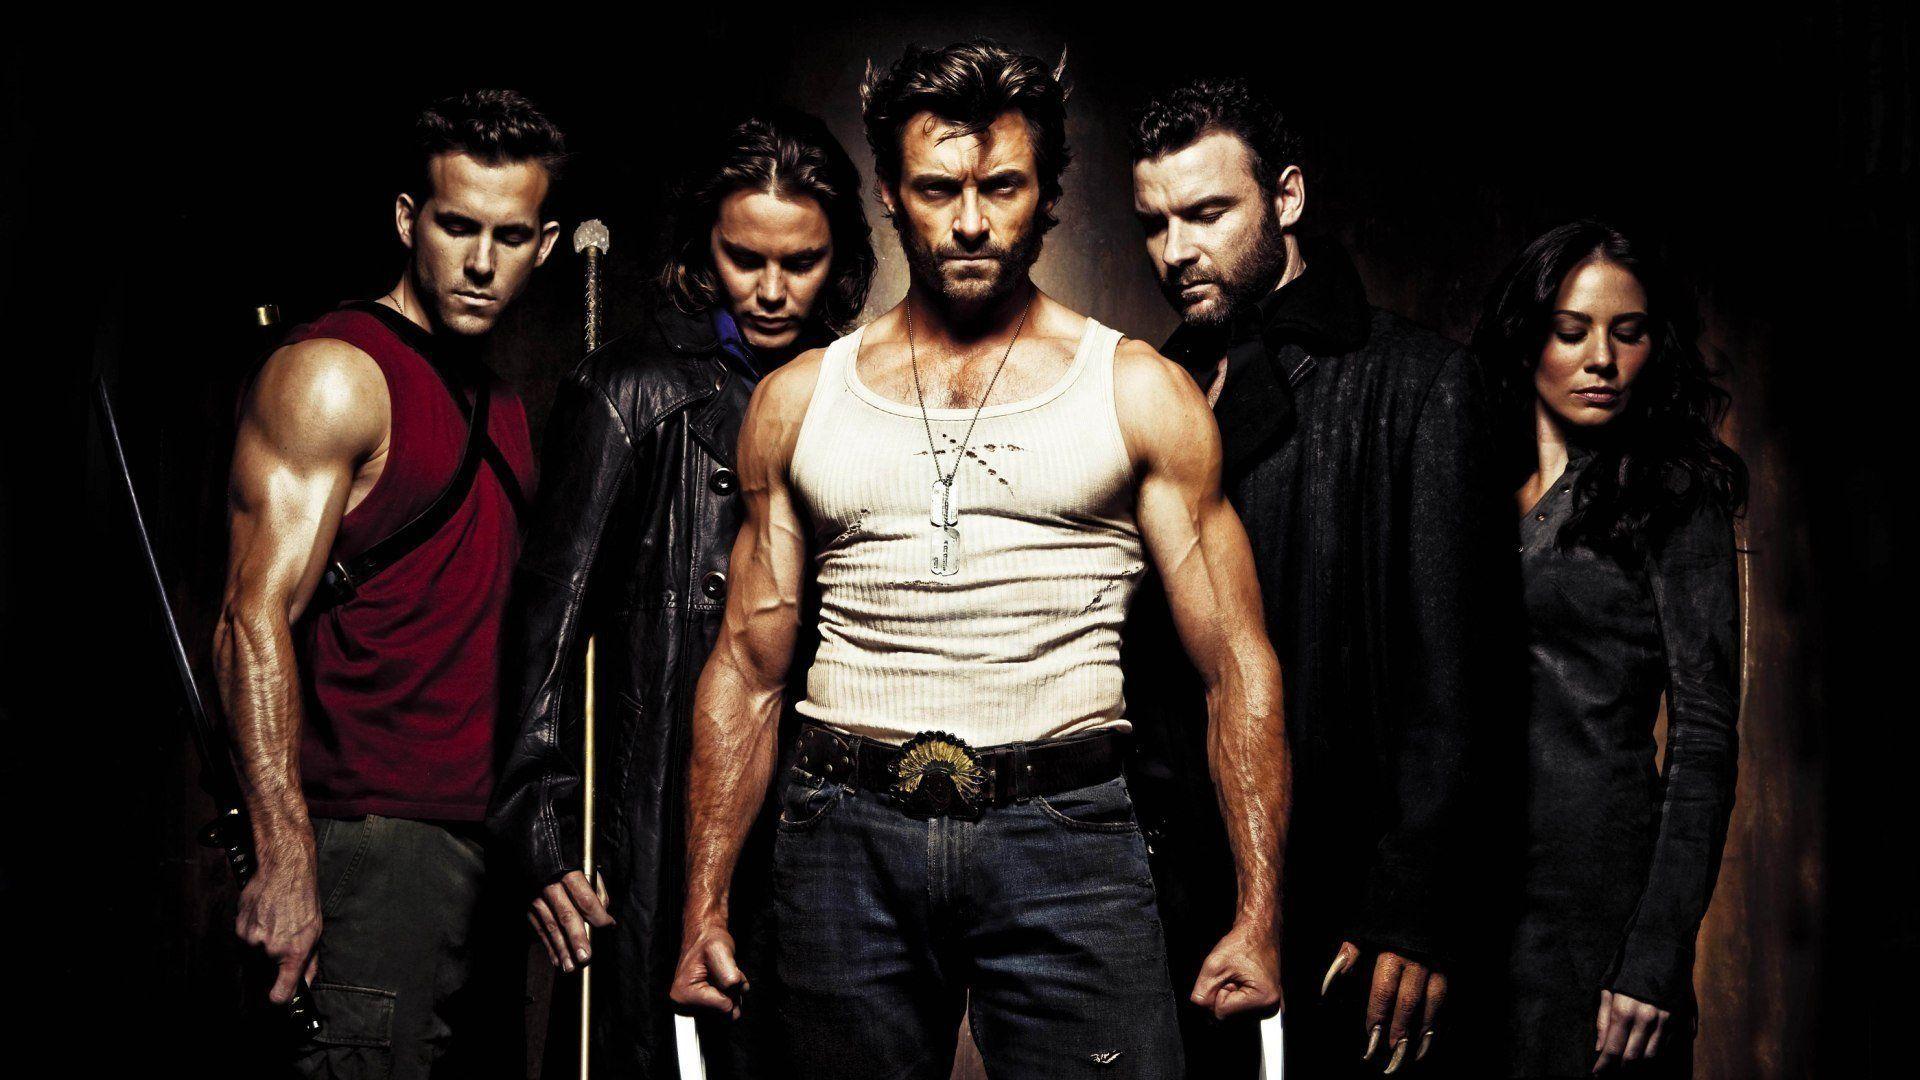 Xmen Hd Wallpapers Backgrounds Wallpaper X Men Origins Wolverine